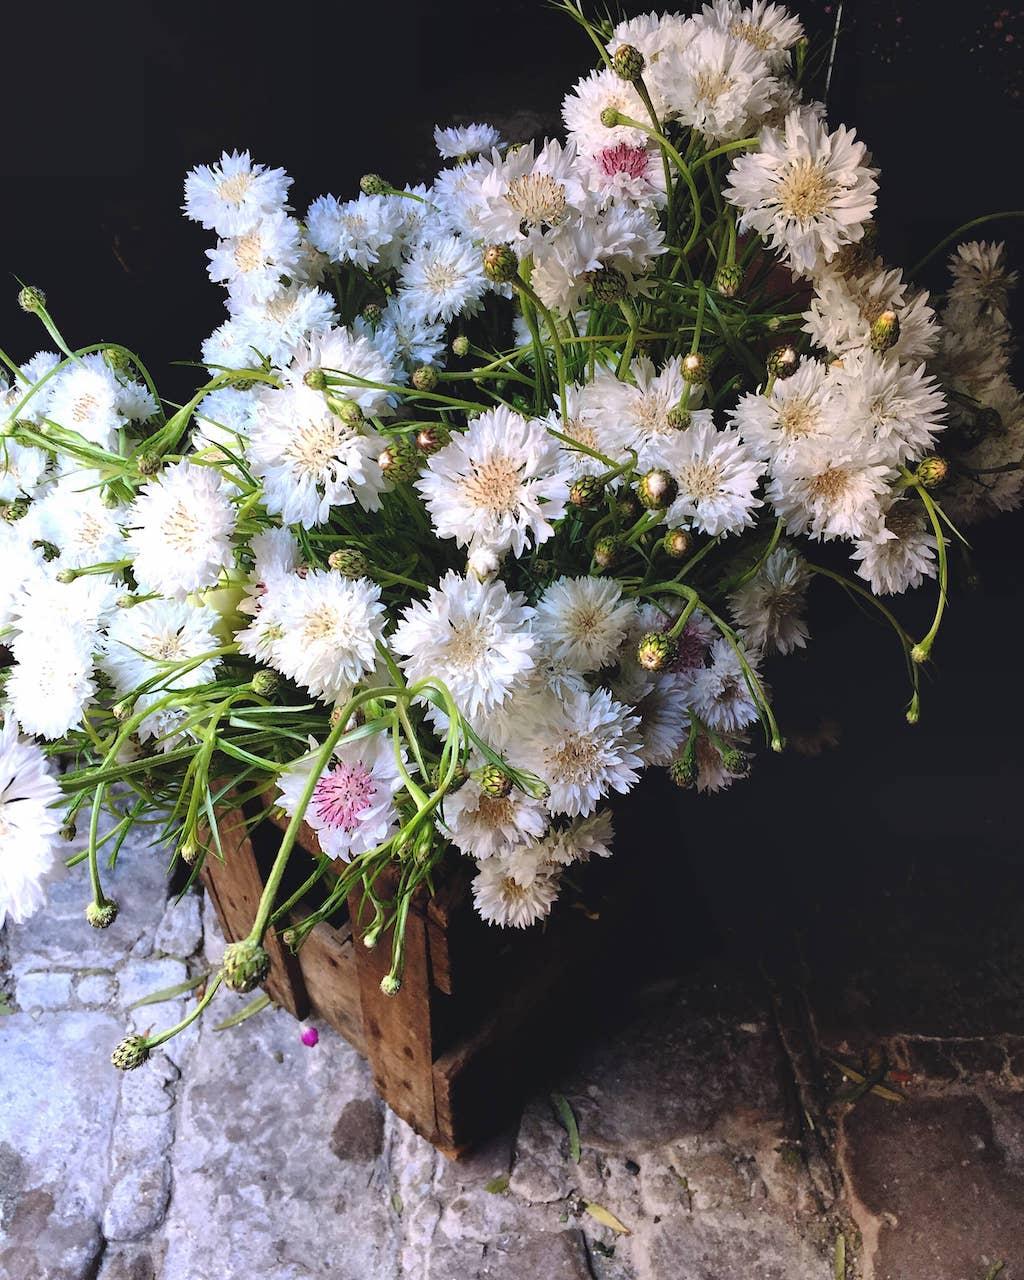 lieu-reception-champetre-caisse-fleurie-printemps-mariage